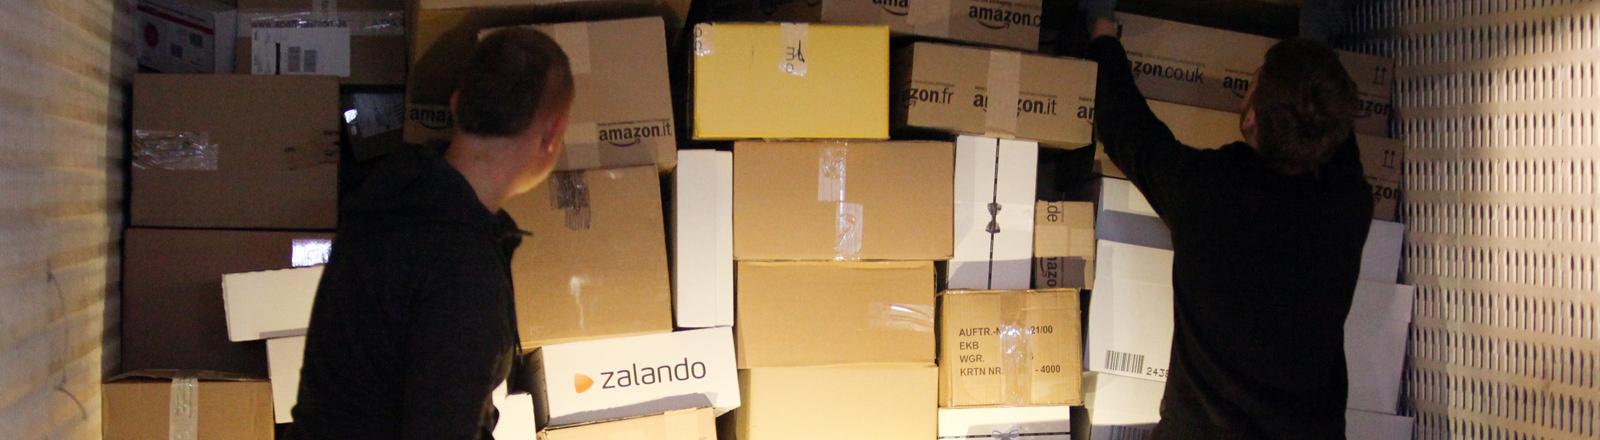 Paketzusteller laden Pakete und Päckchen in einen Transporter.